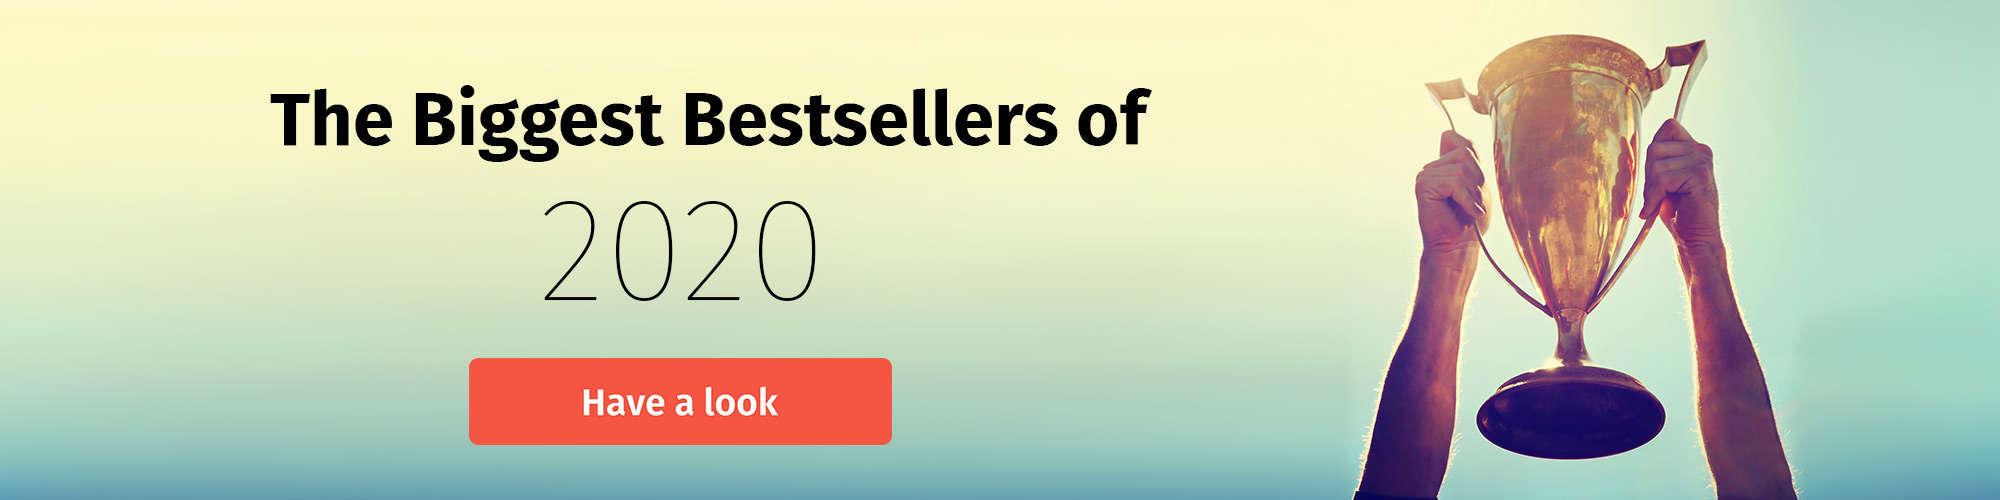 Bestsellery 2020